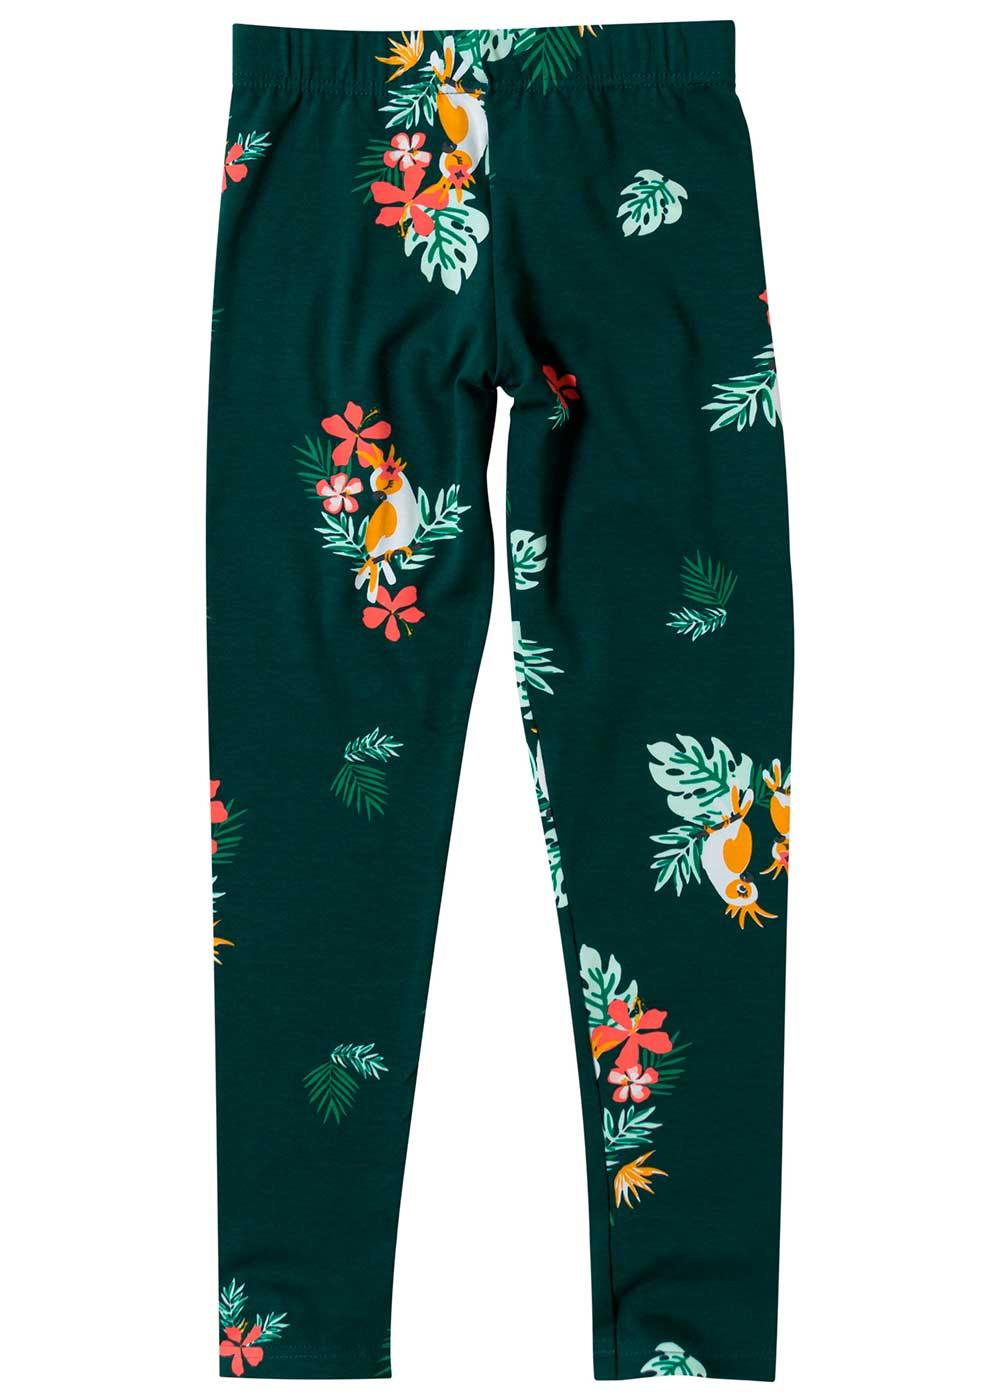 Legging Infantil Verde Flores - Malwee